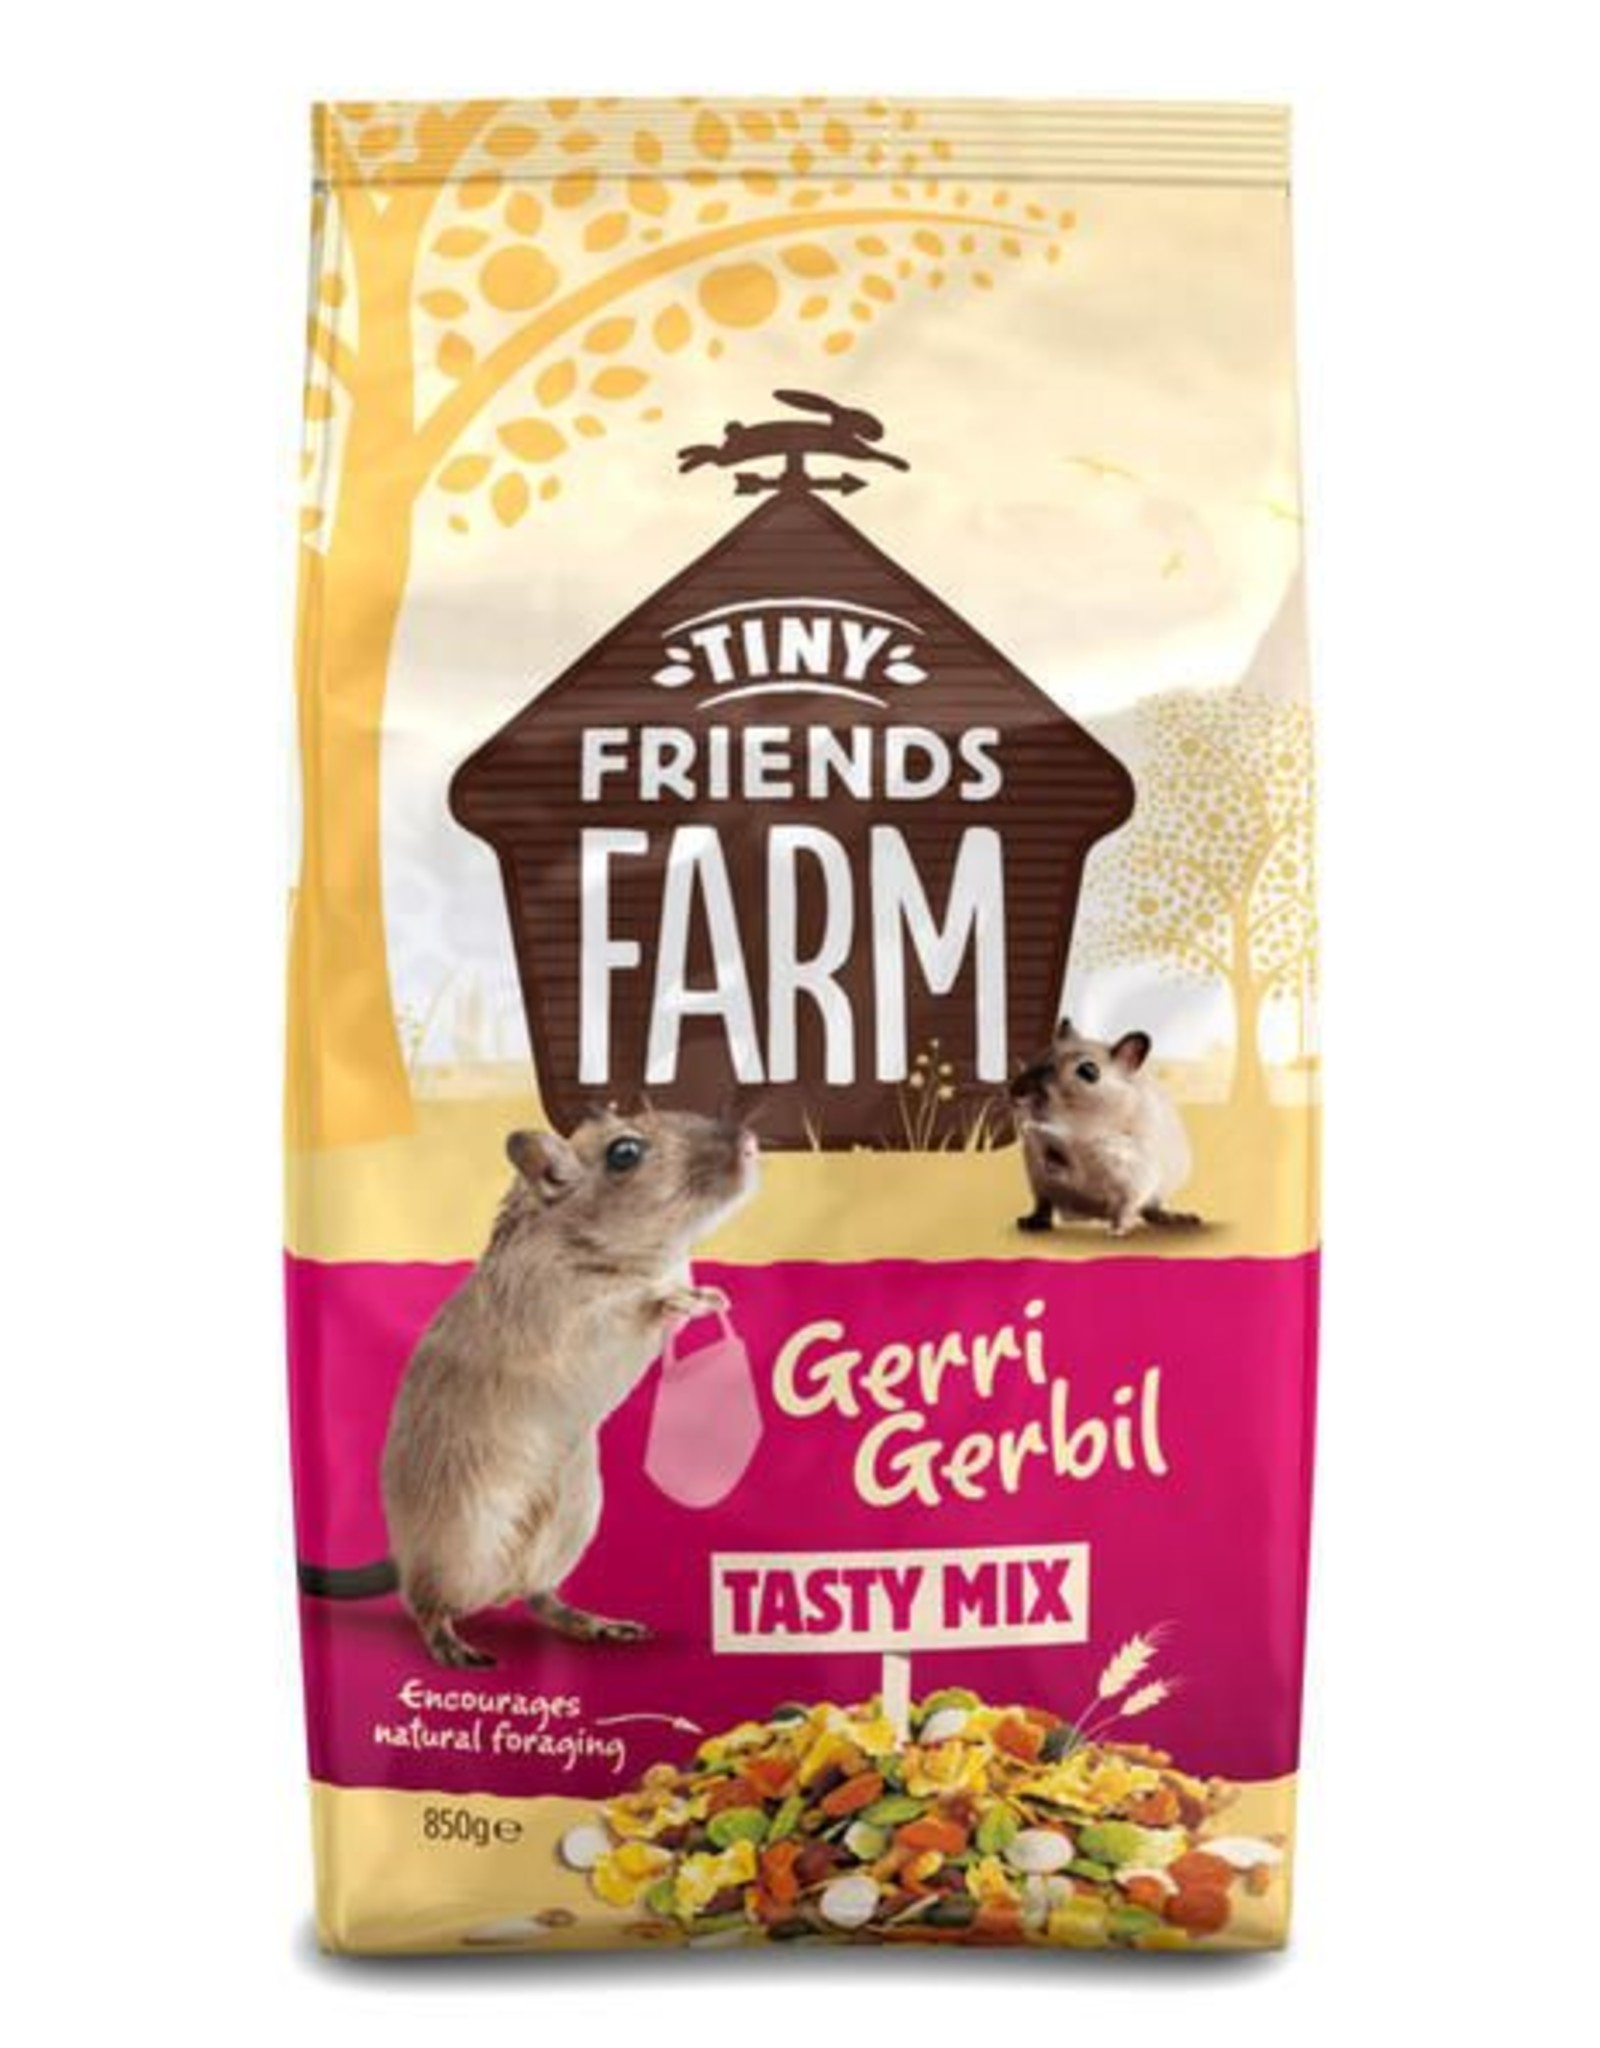 Supreme Tiny Friends Farm Gerri Gerbil Tasty Mix Food 850g